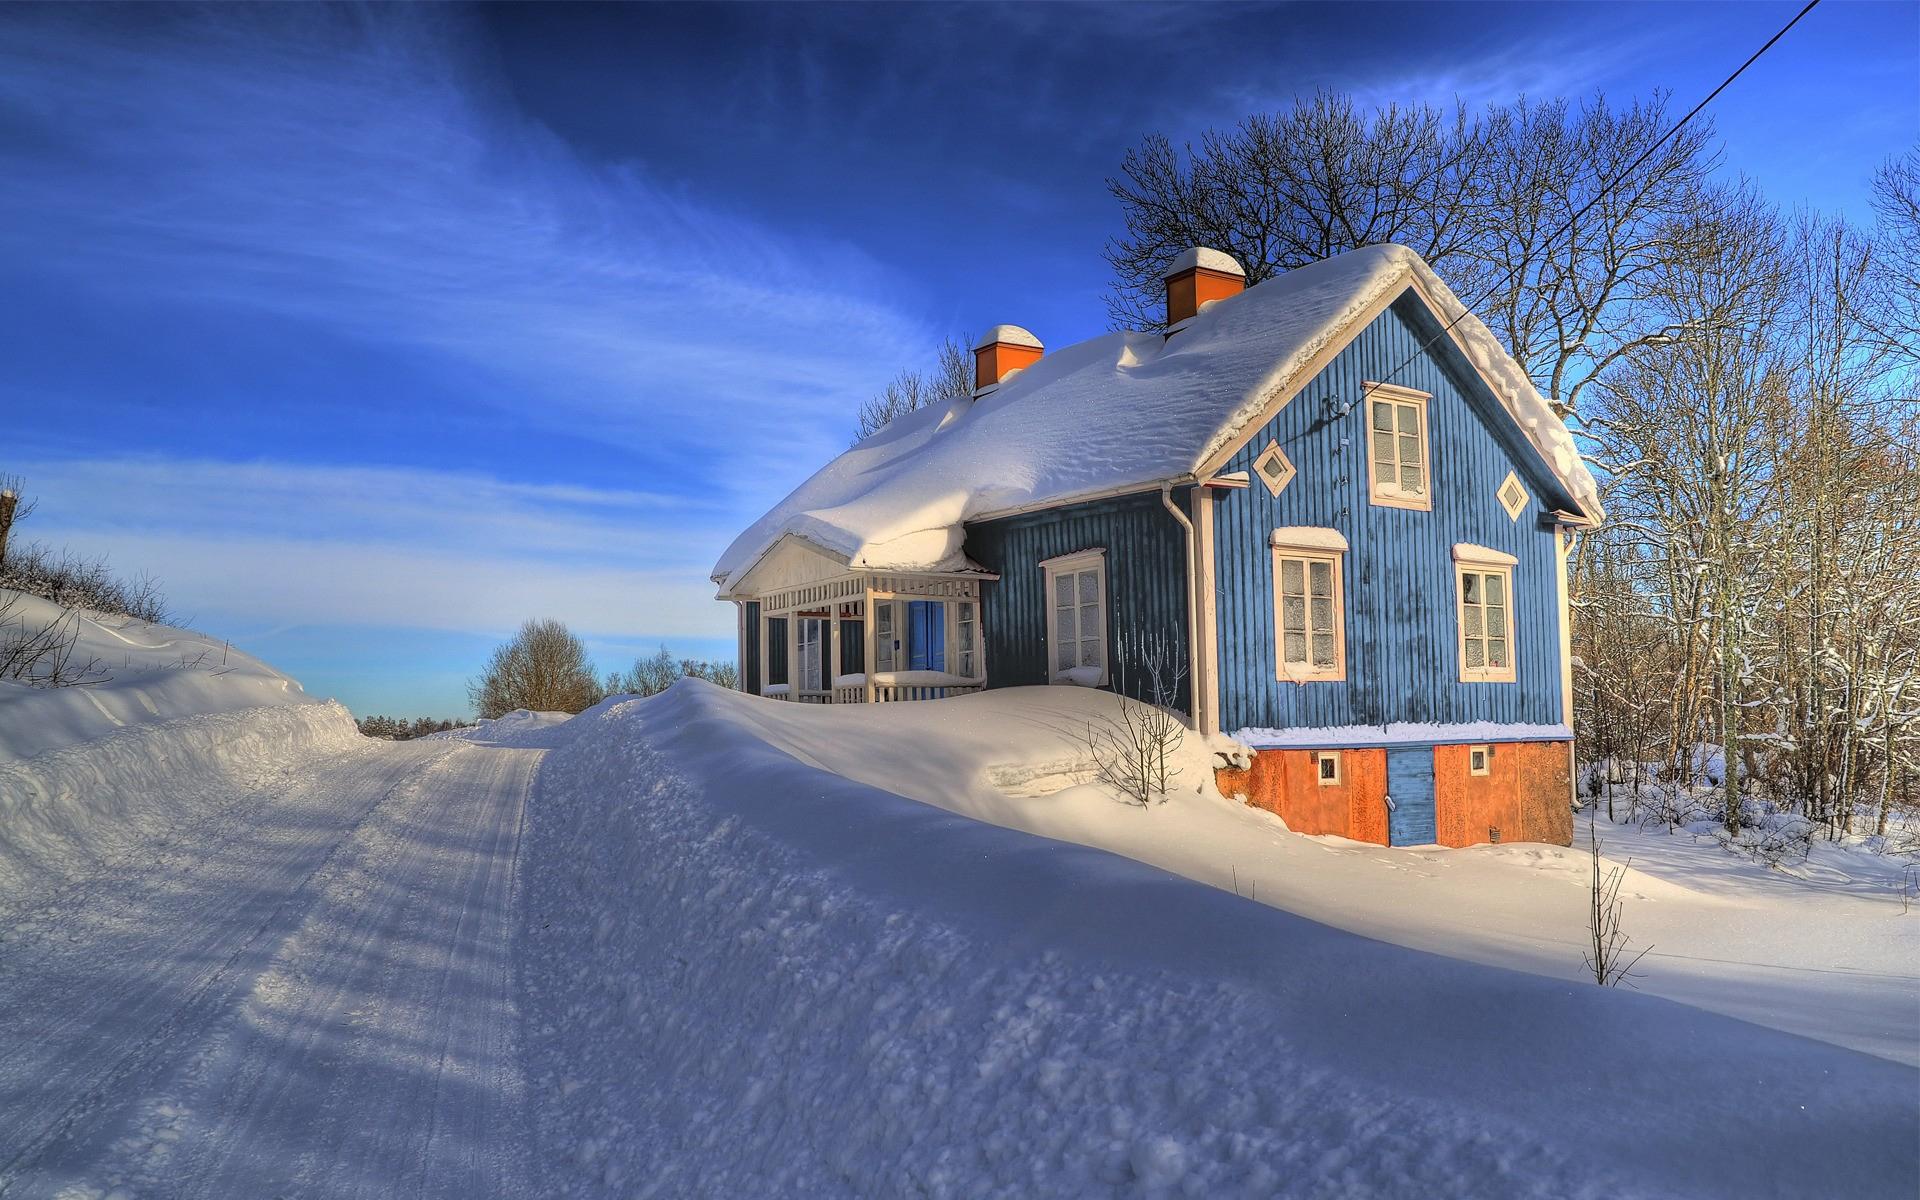 страдающий недоедания, зимние пейзажи с домами картинки и фото бы, время